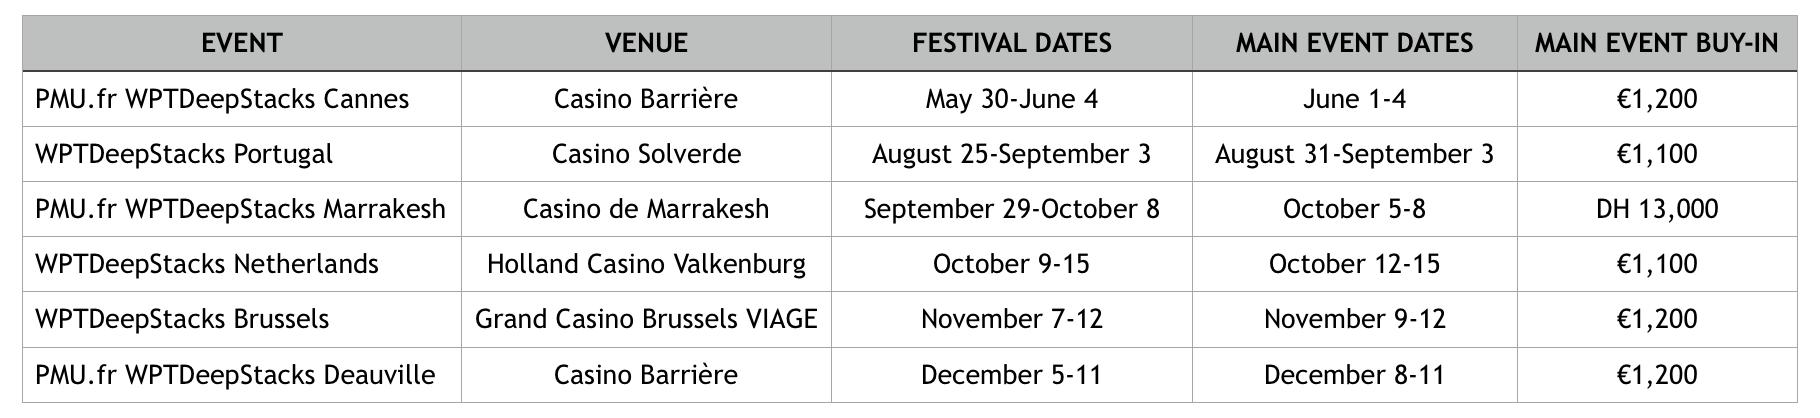 2017 WPTDeepStacks Europe Schedule